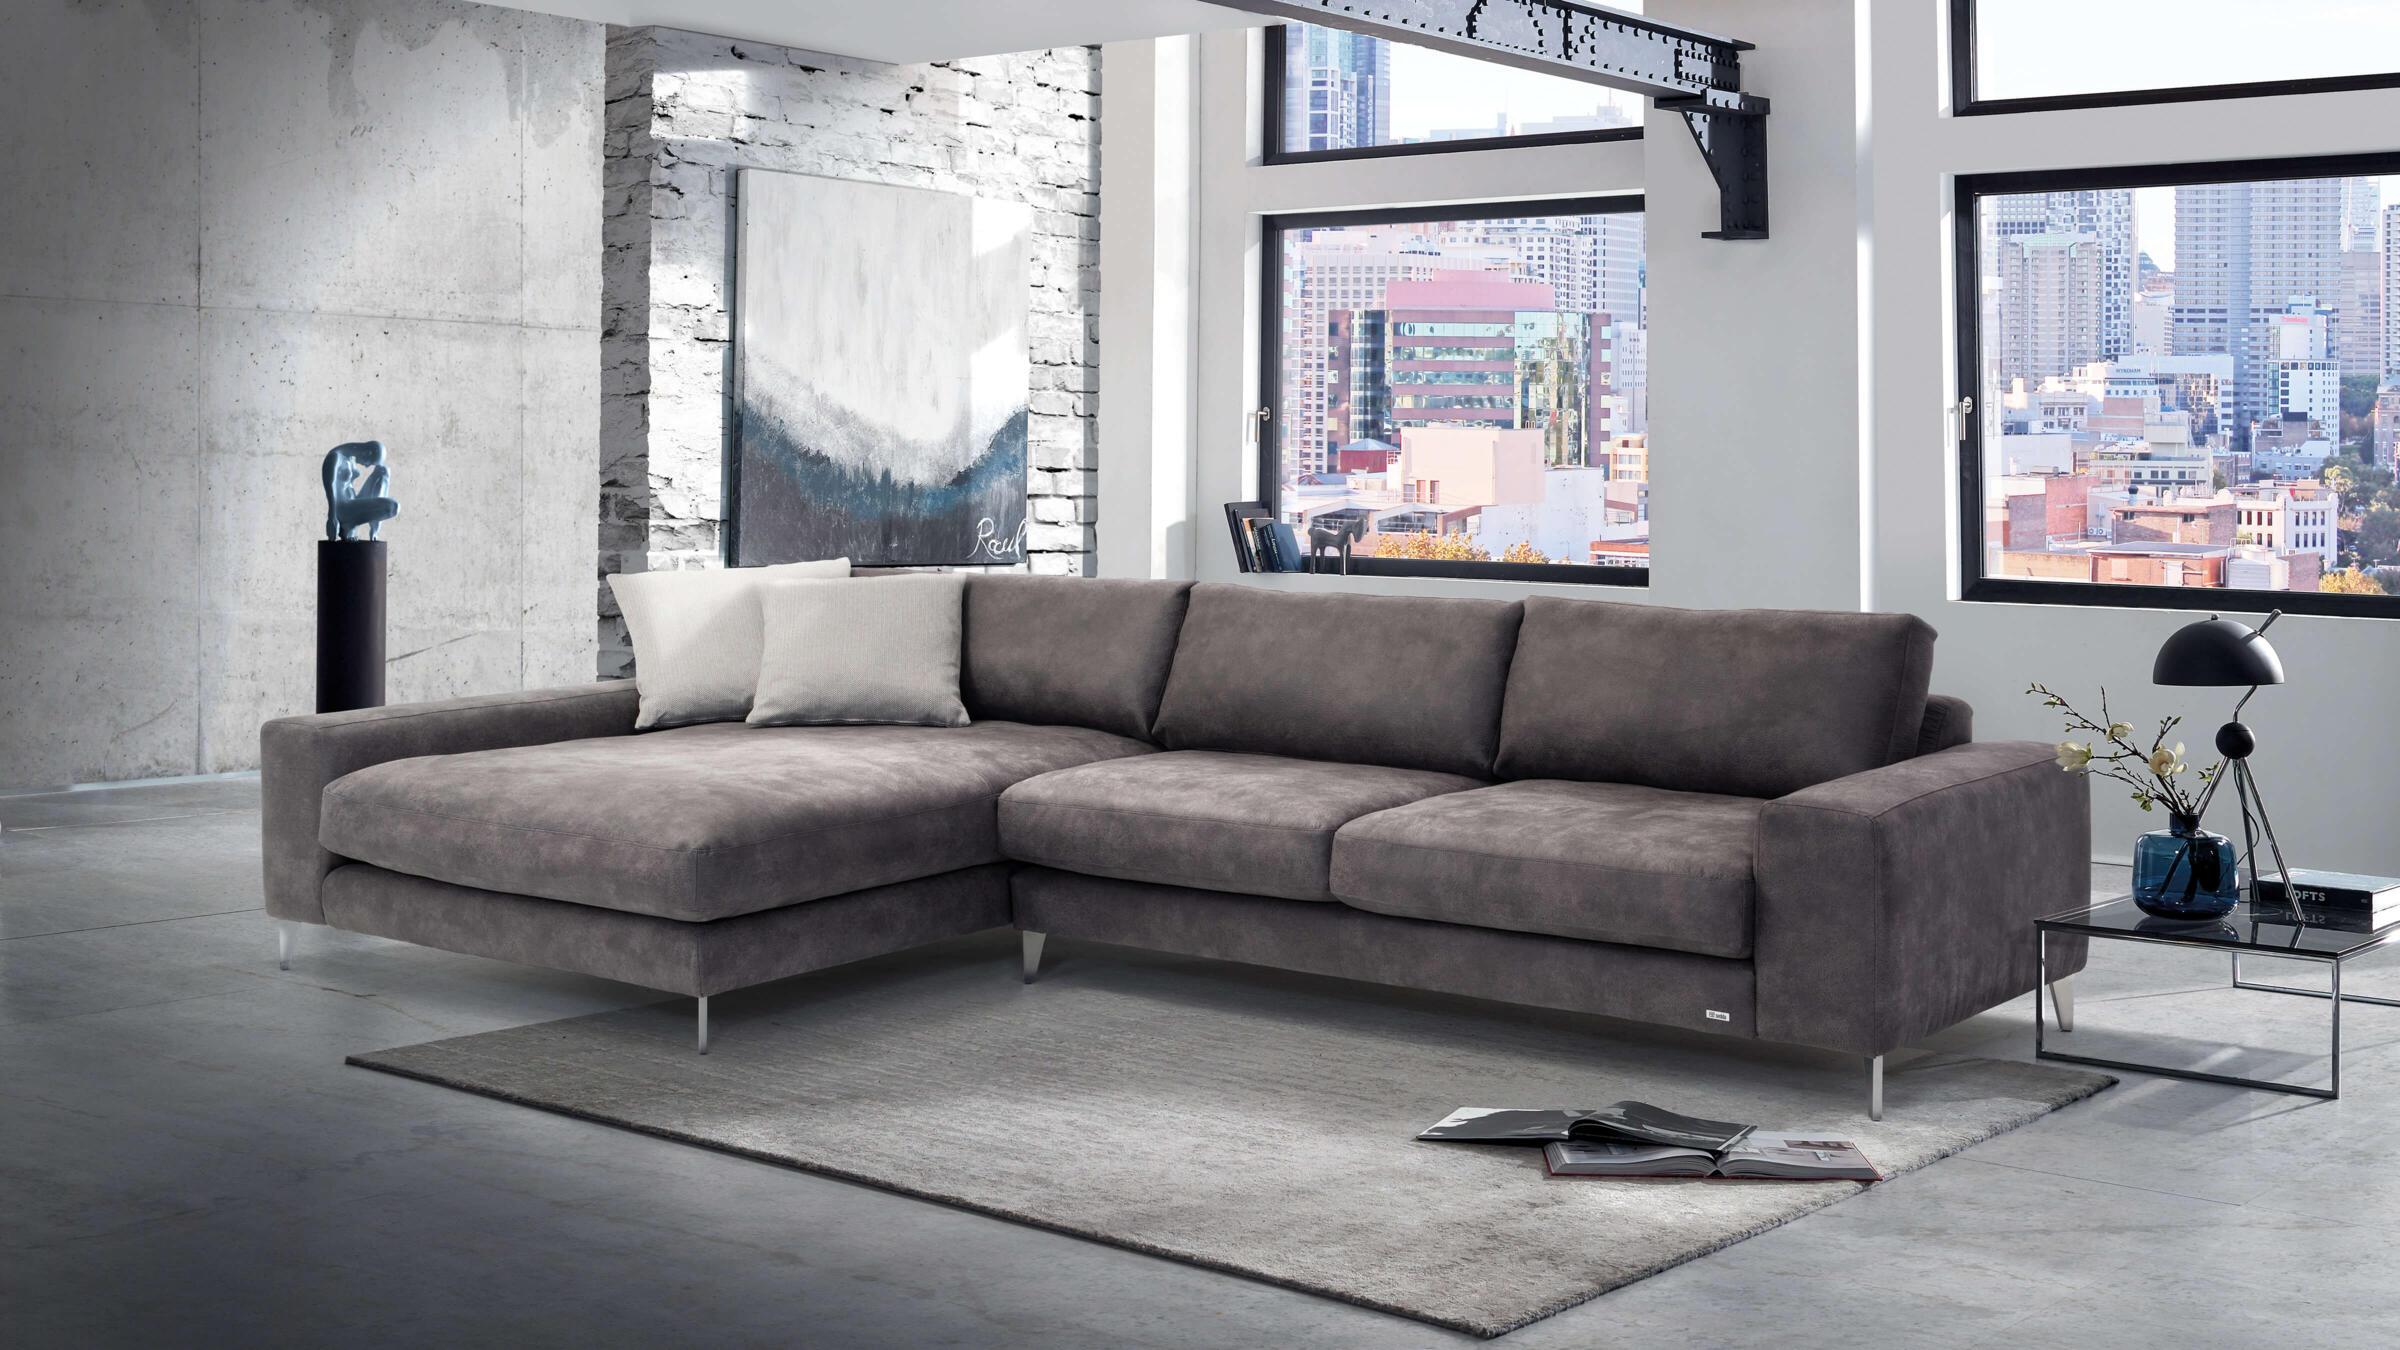 sofa couch bett aus sterreich sedda polsterm bel. Black Bedroom Furniture Sets. Home Design Ideas